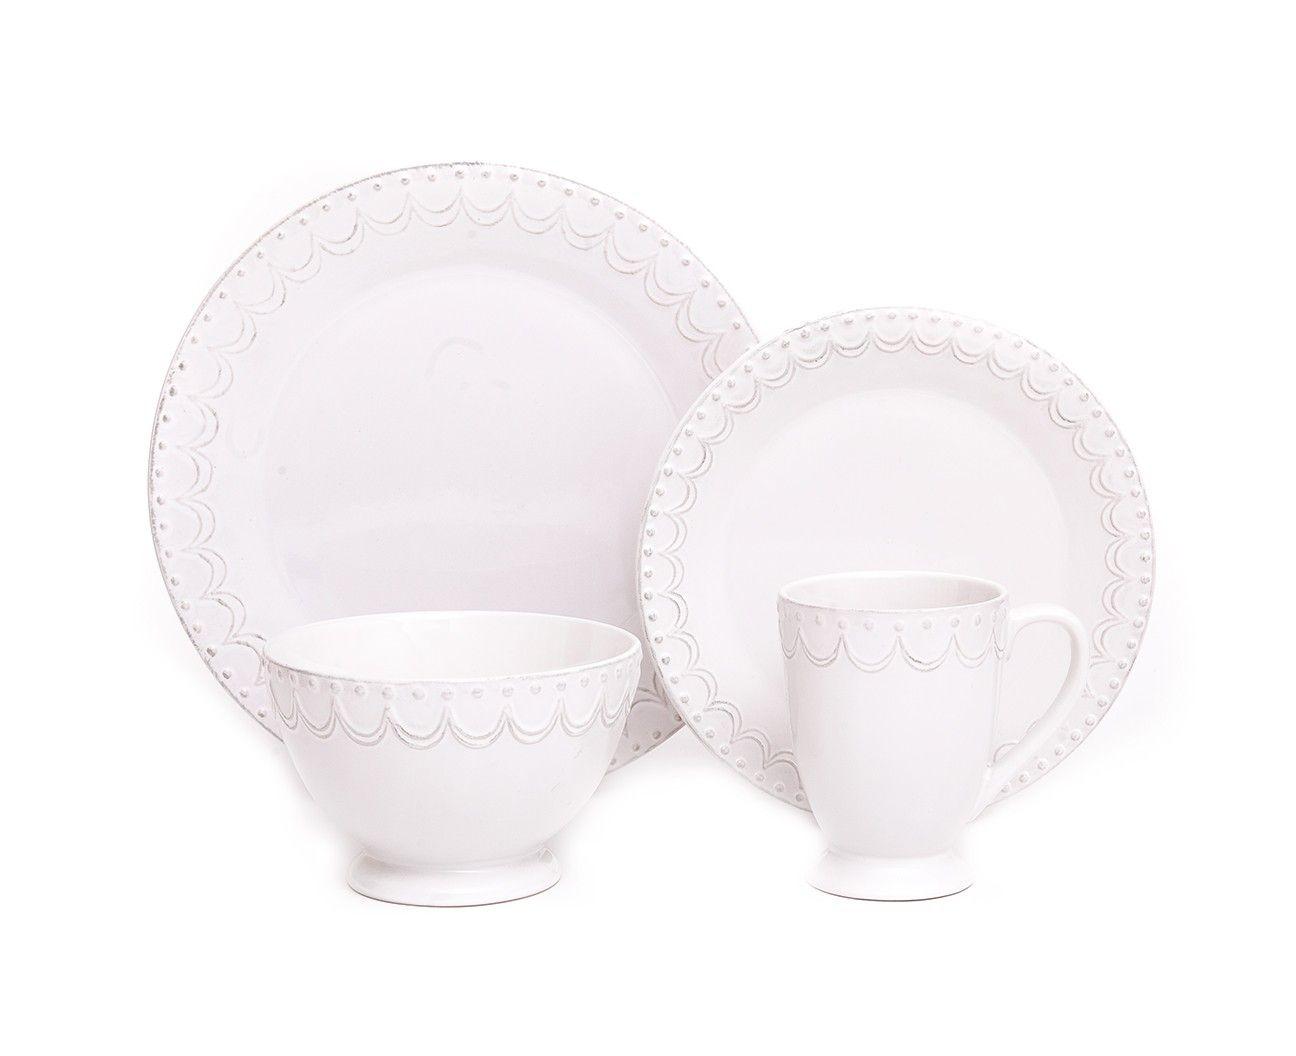 LACE EMBOSSED 16-PIECE DINNERWARE SET - Dinnerware - Dining | Stokes ...